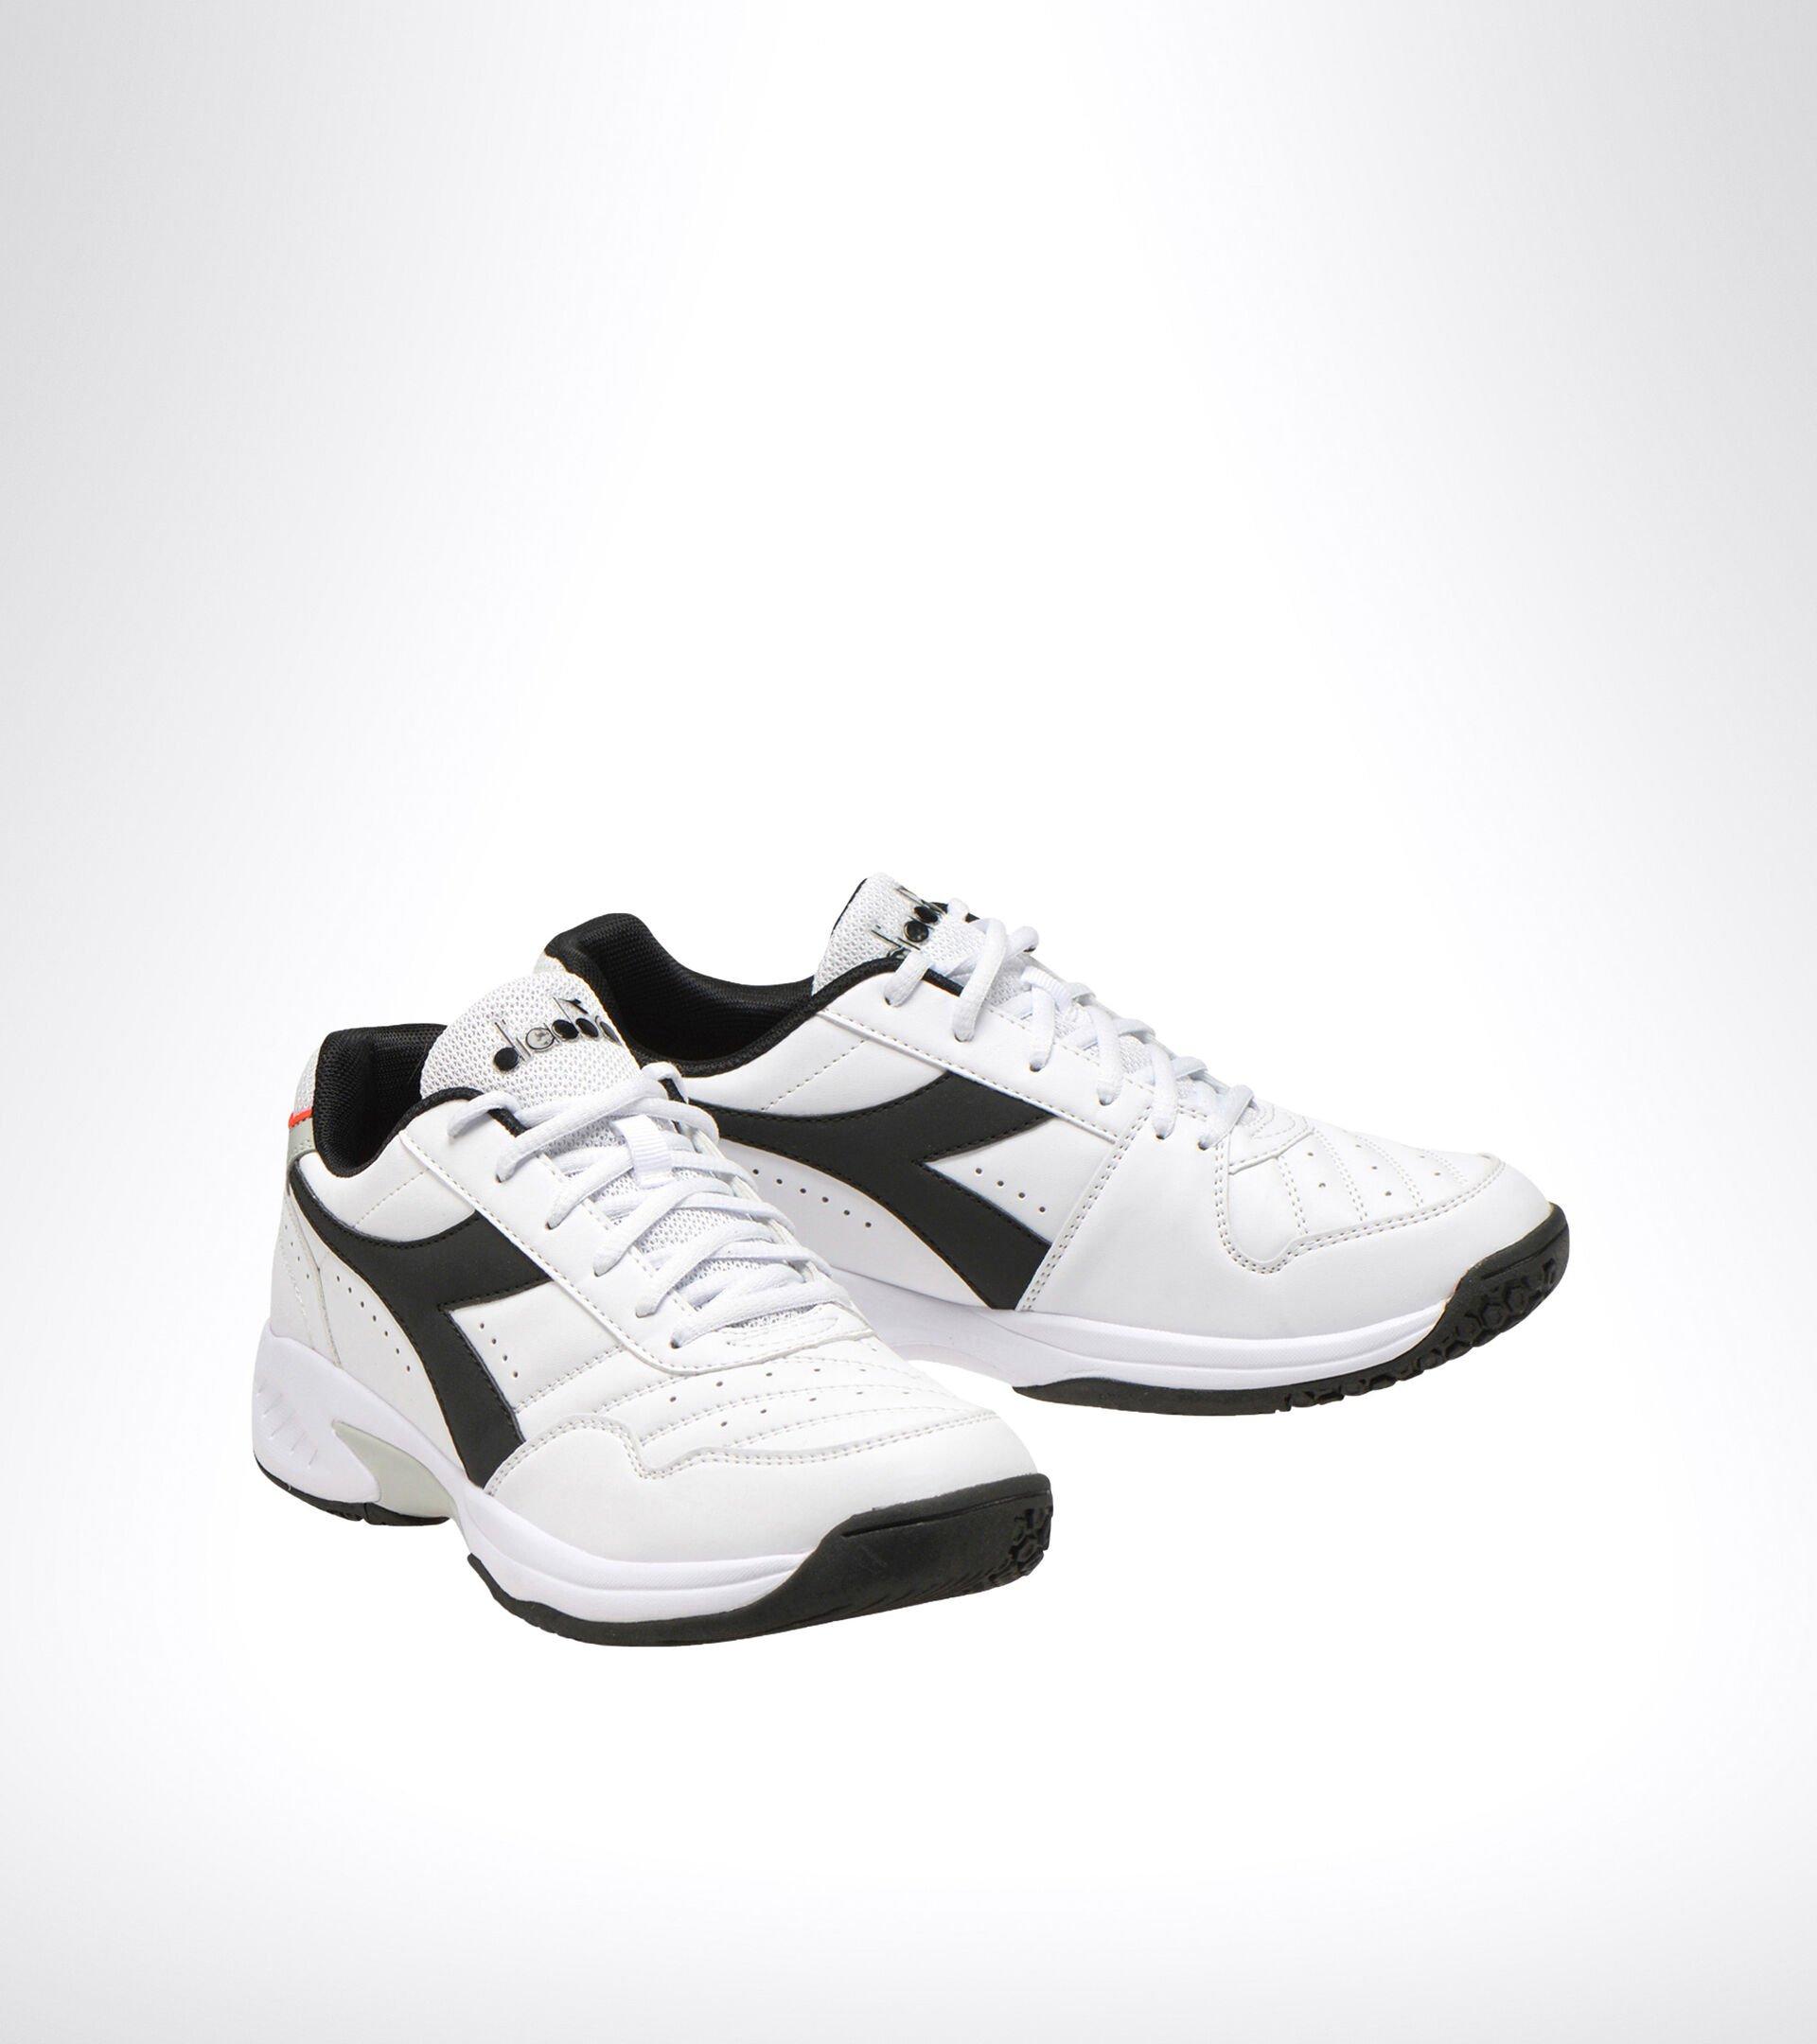 Footwear Sport UOMO VOLEE 4 BLANCO/NEGRO Diadora